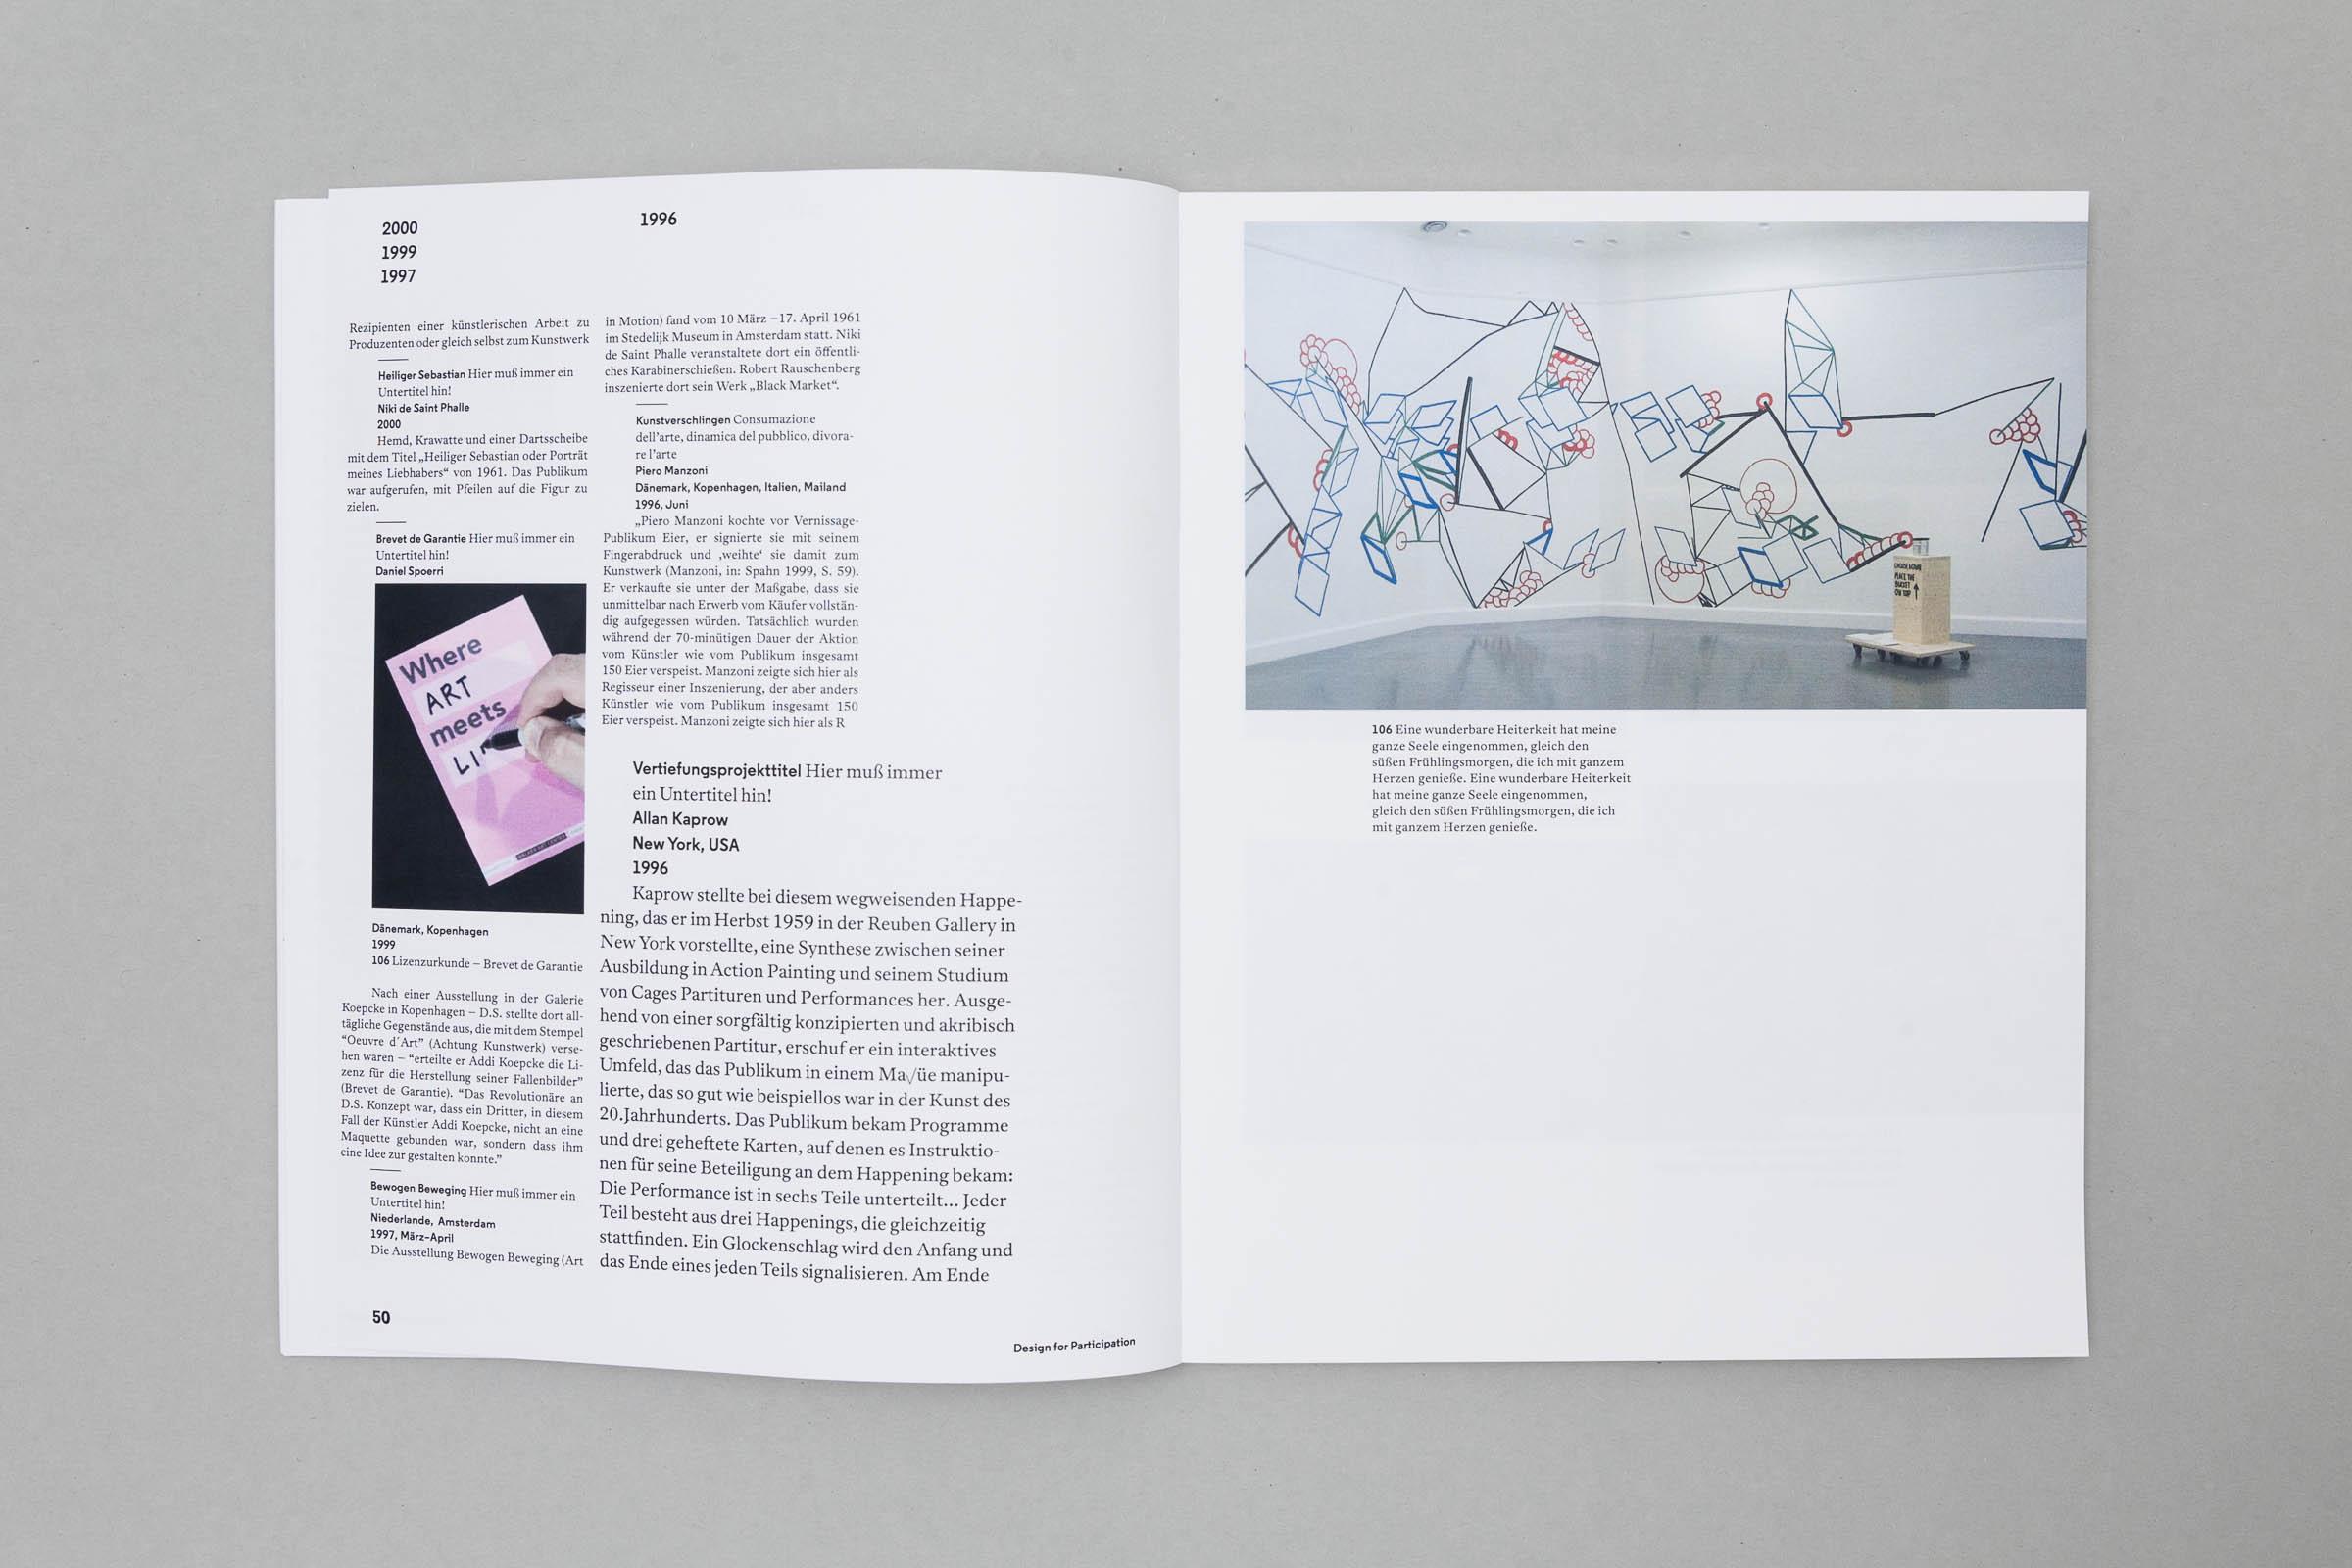 Design for Participation Buchgestaltung Bildtafeln auf Bilderdruckpapier © Christian Weber – Büro für Gestaltung und Kommunikation